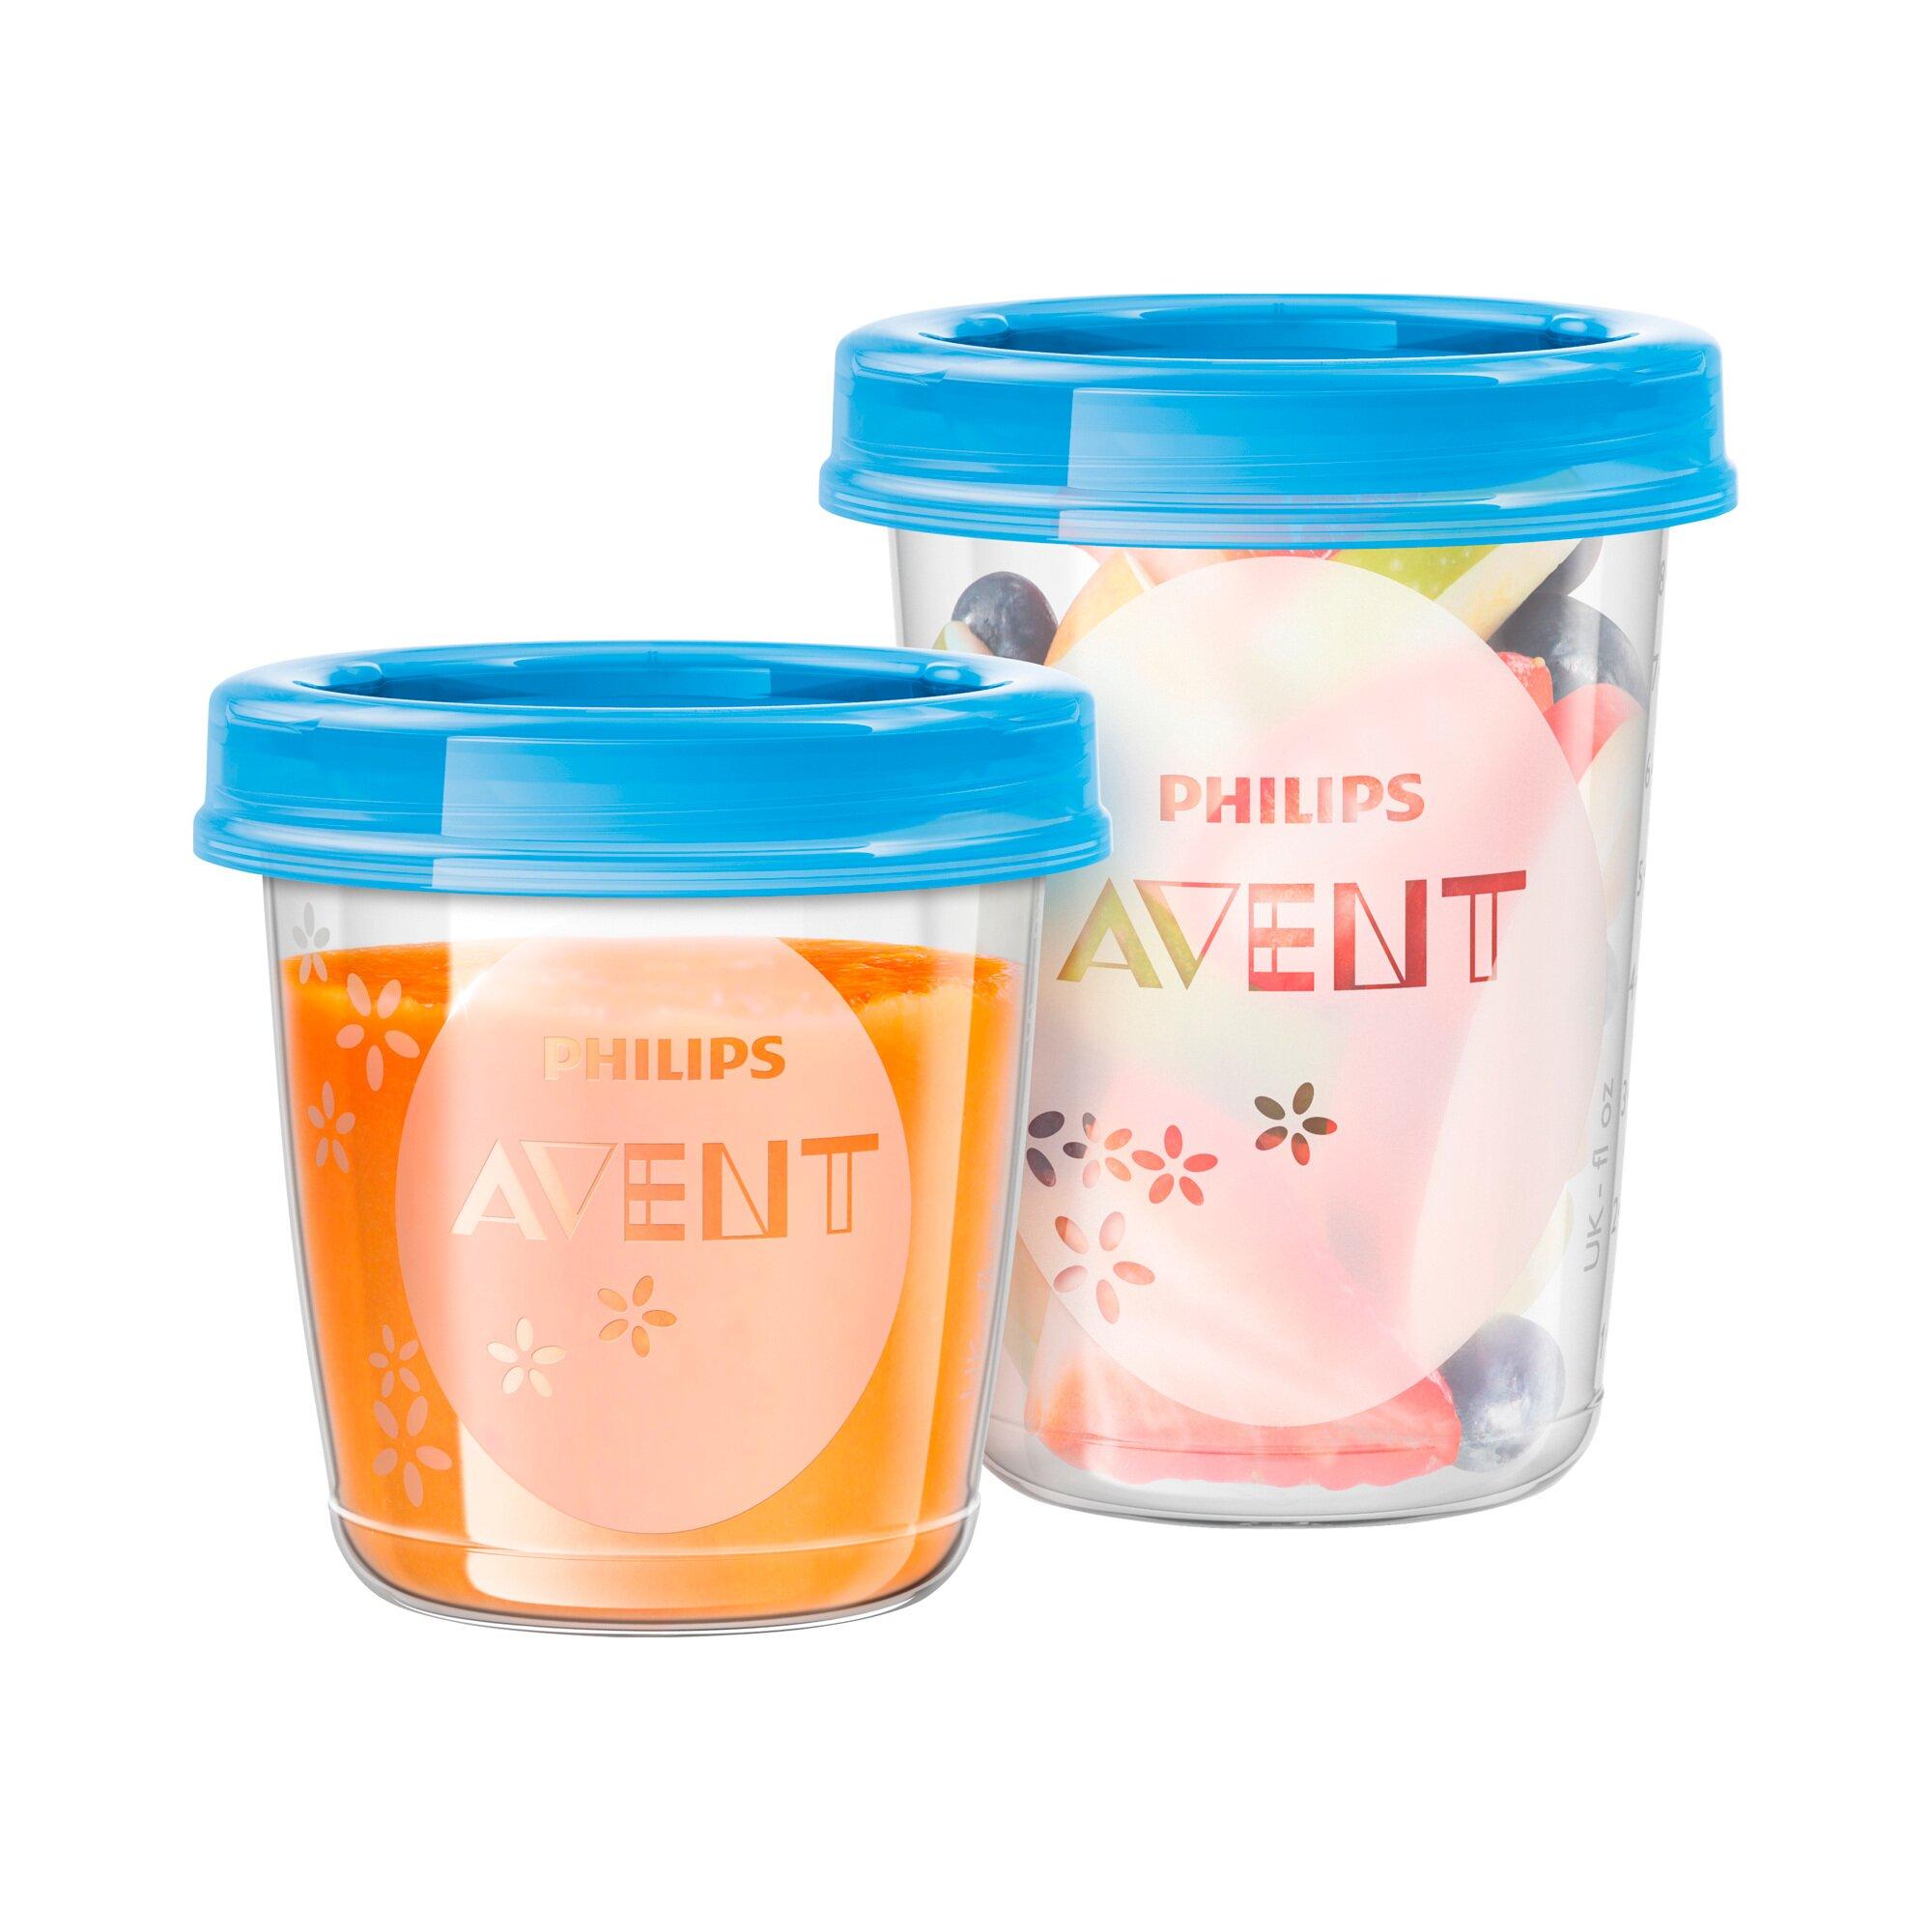 philips-avent-aufbewahrungssystem-fur-babynahrung-180-240ml